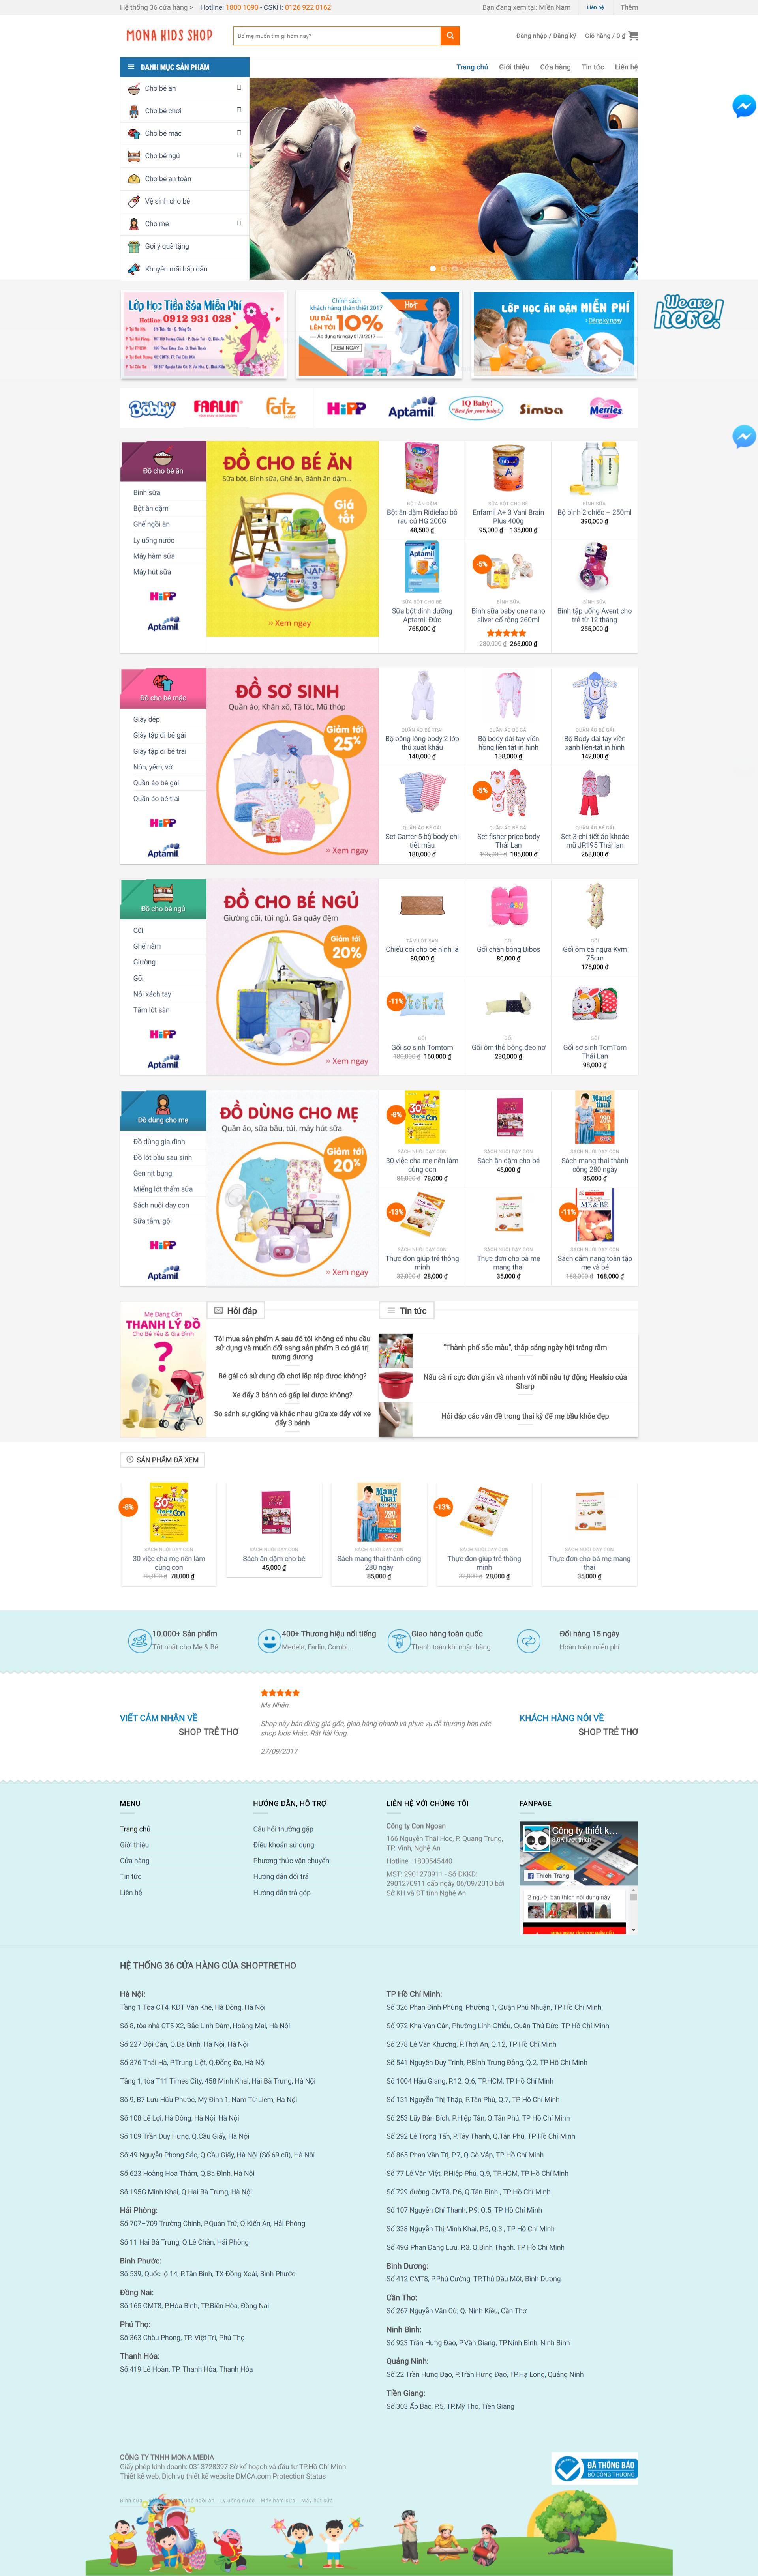 Mẫu website bán hàng shoptretho